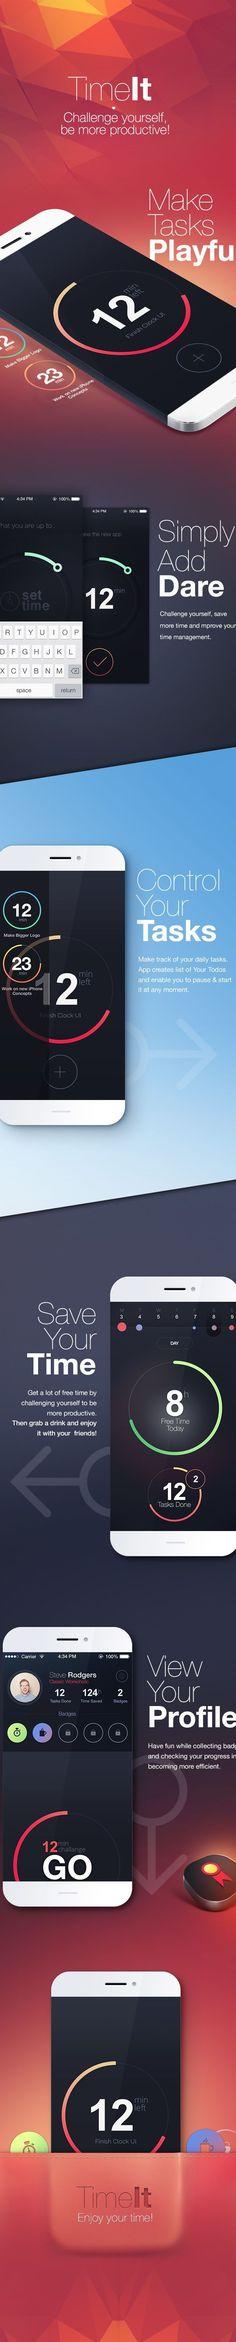 Inspiration Mobile #14 : comment présenter vos créations mobiles | BlogDuWebdesign